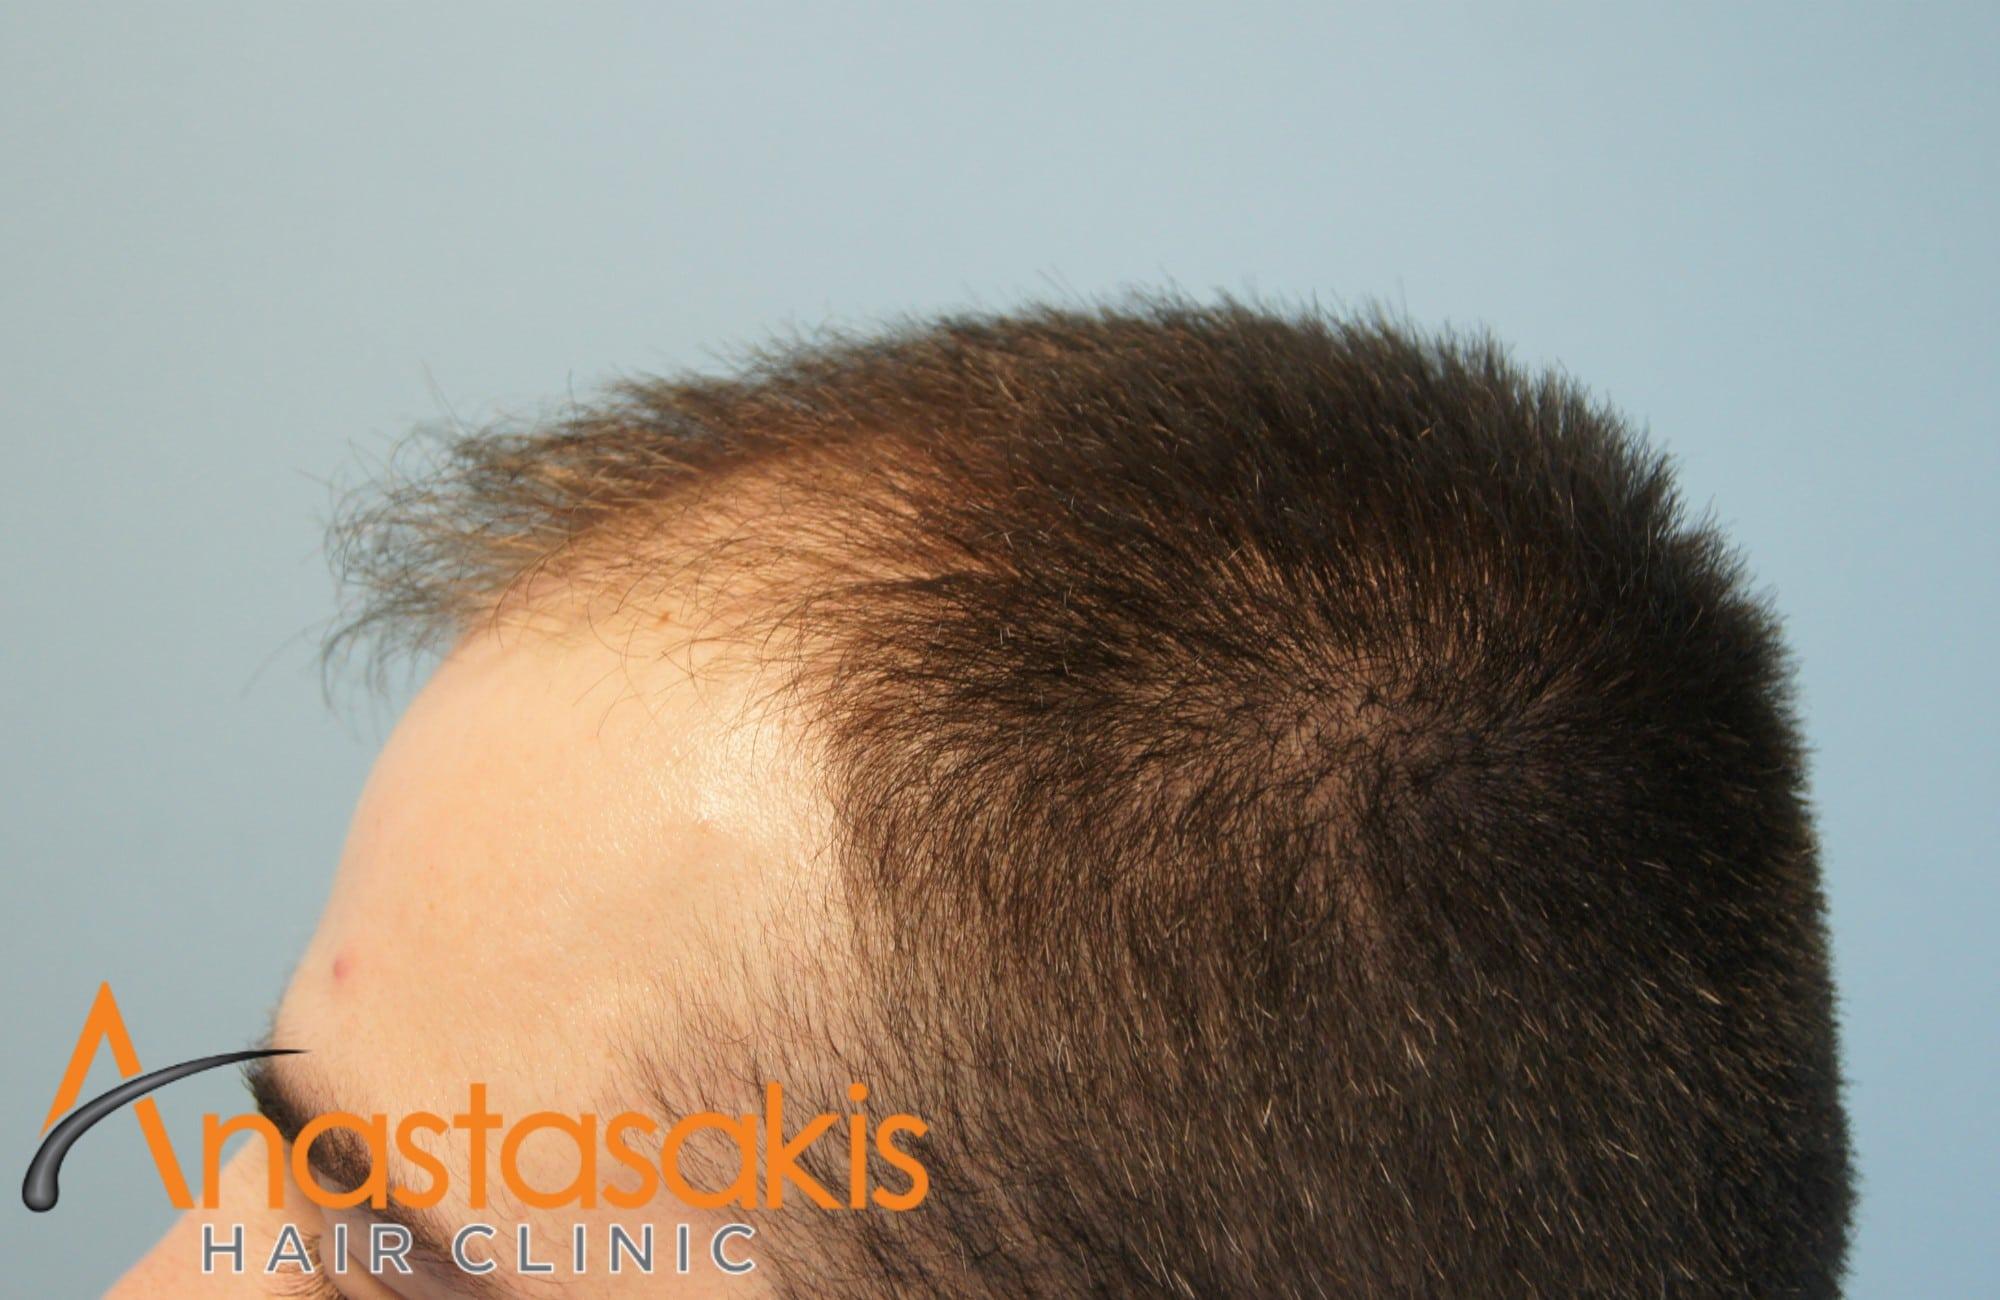 αριστερο προφιλ ασθενούς πριν τη μεταμοσχευση μαλλιων με 1500 fus